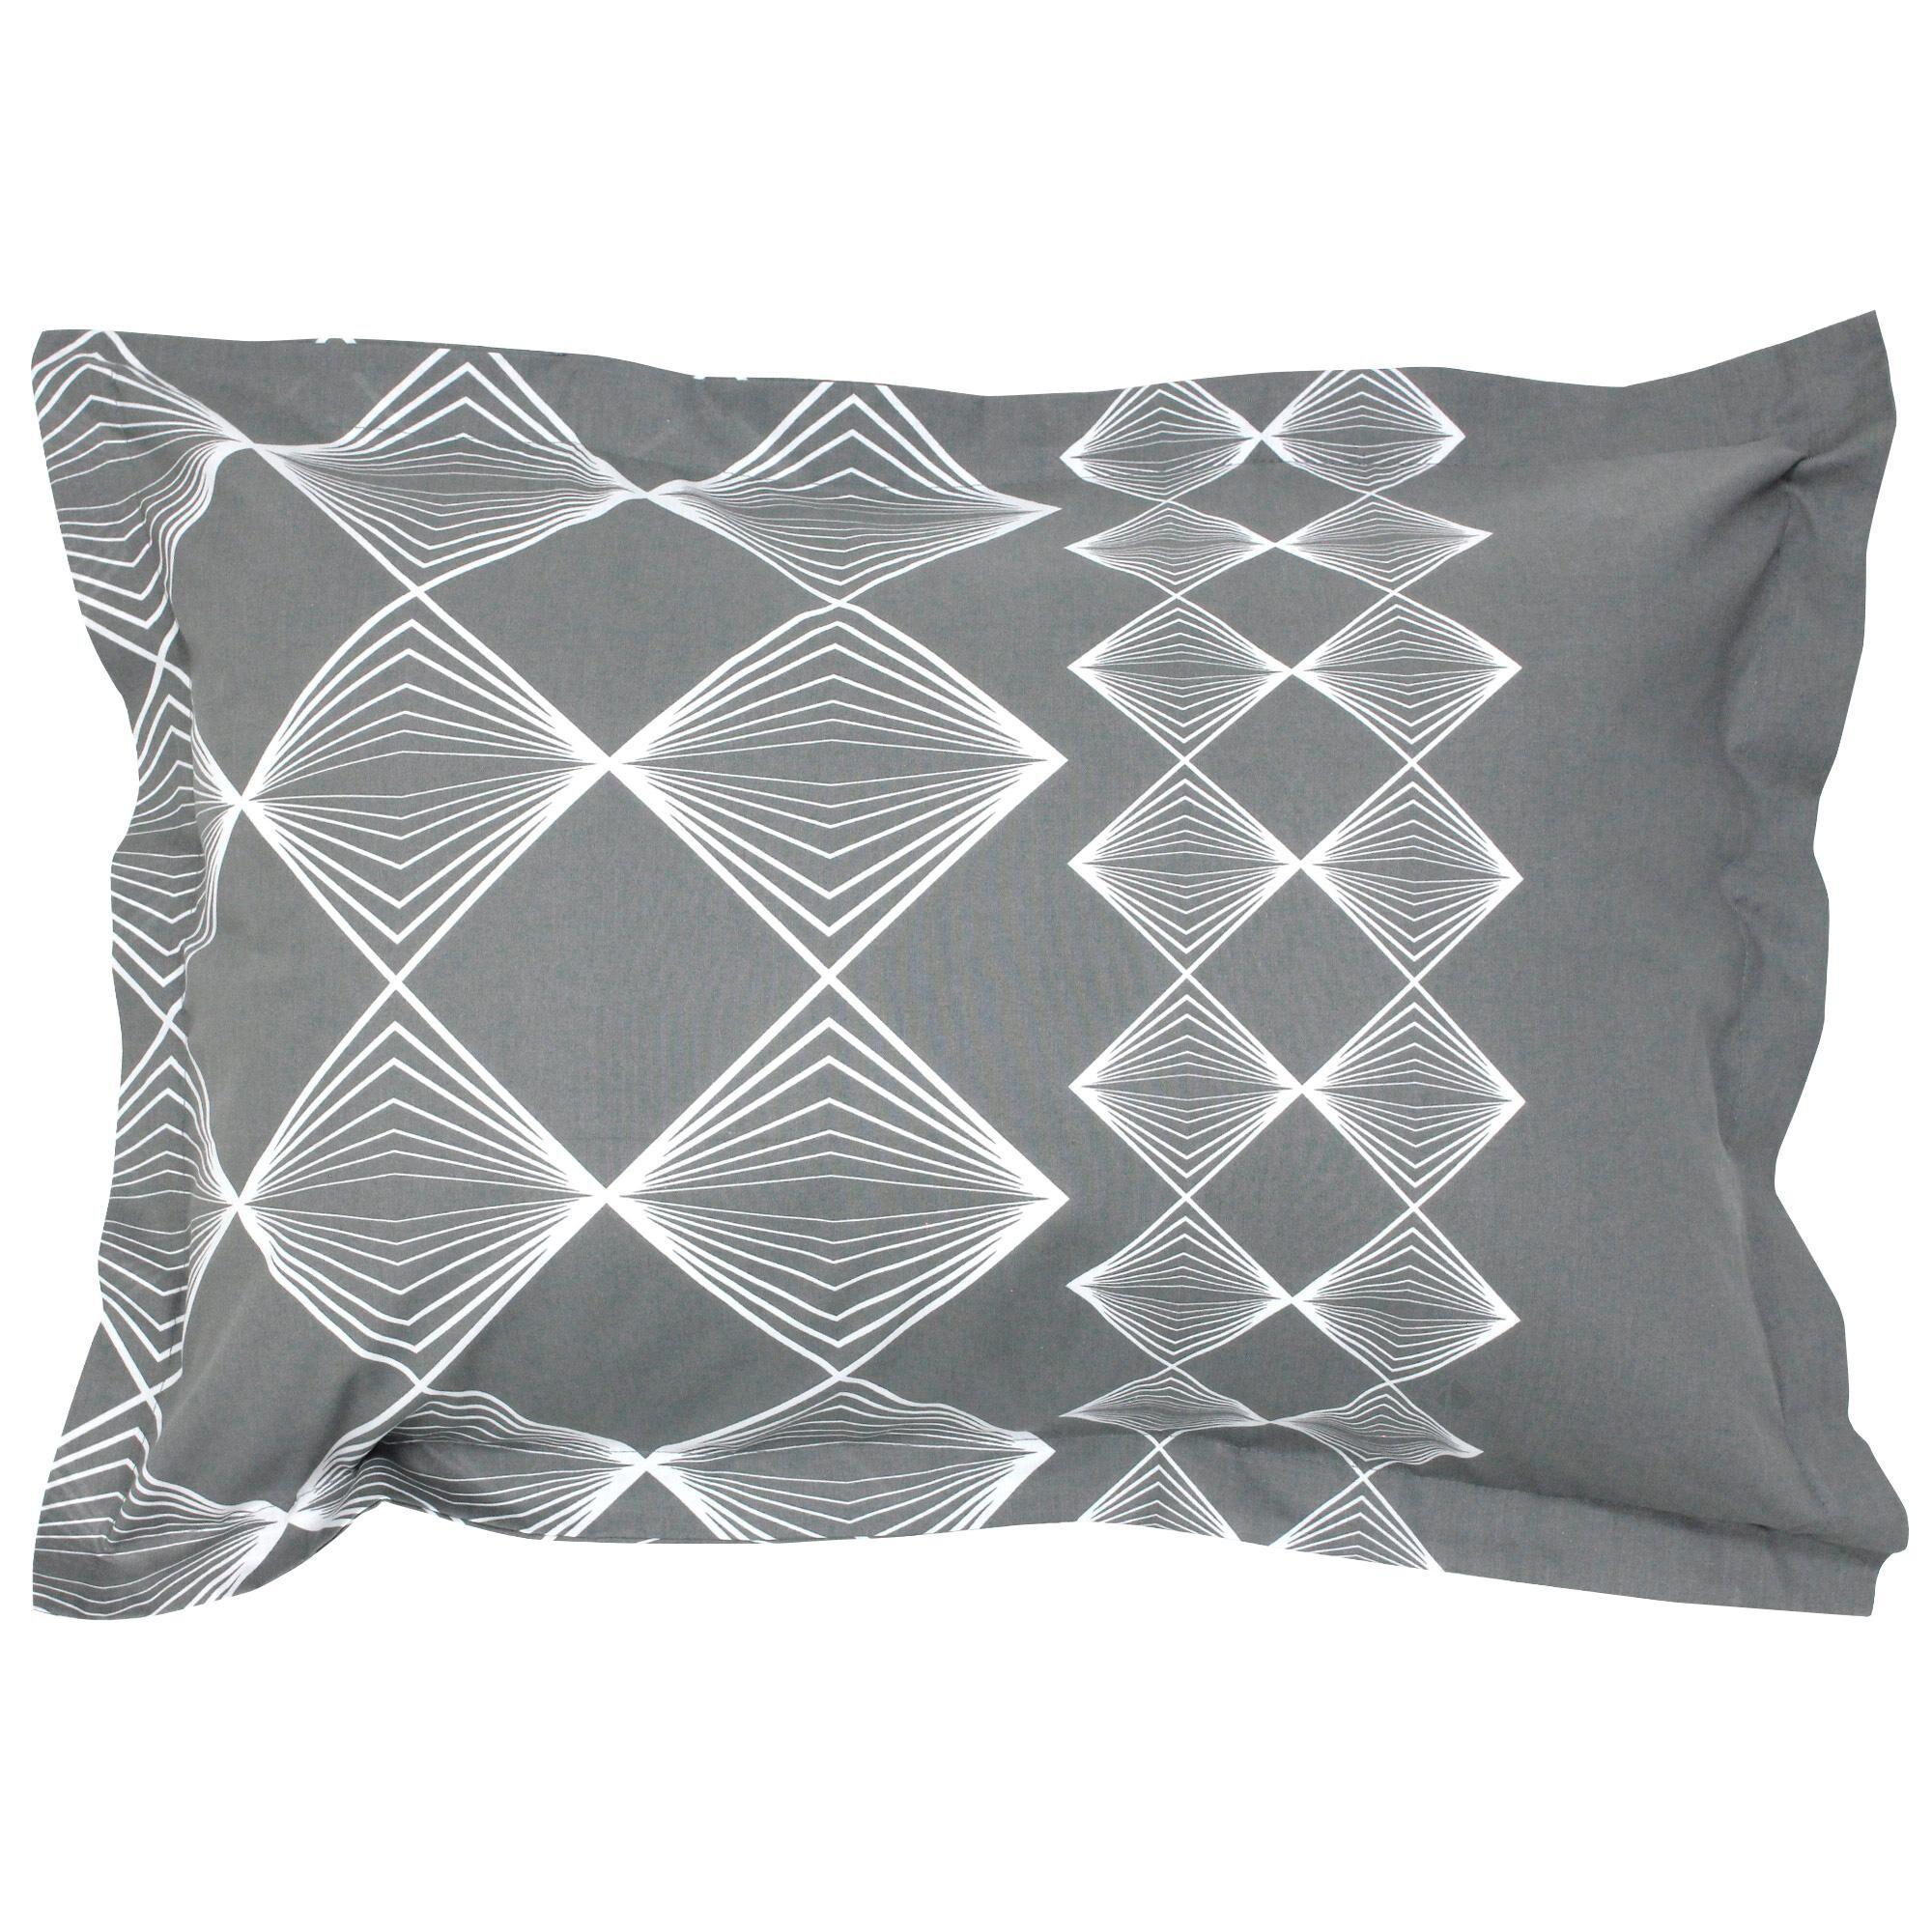 Linnea Taie d'oreiller 70x50 cm 100% coton FOREVER GRIS gris foncé